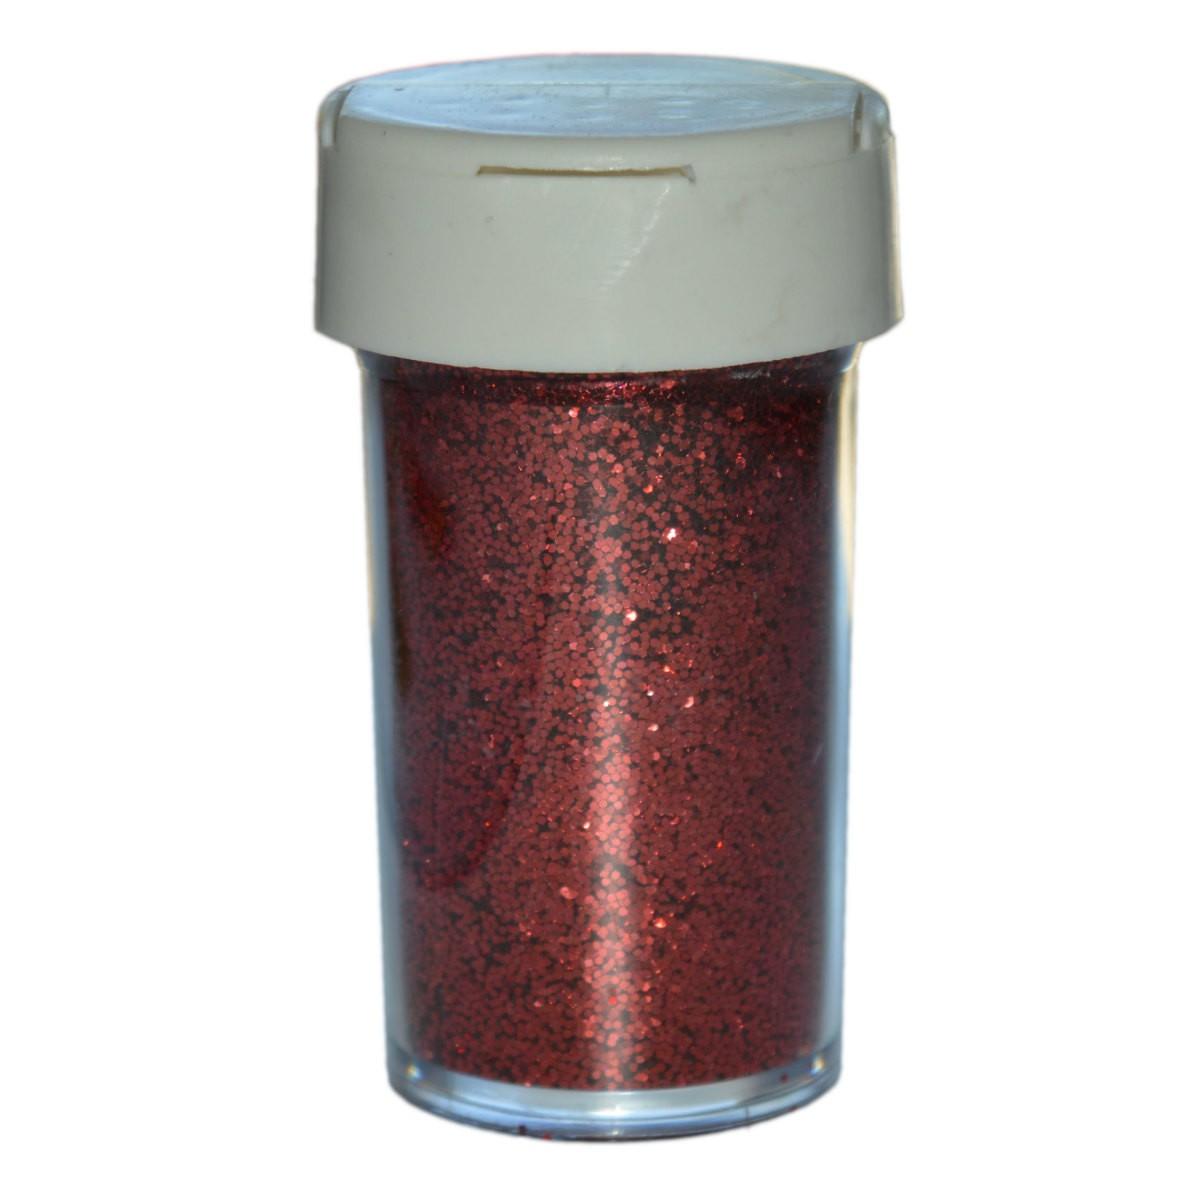 Deko glitter rot 20g streu glitzer glimmer zum basteln for Deko zum basteln